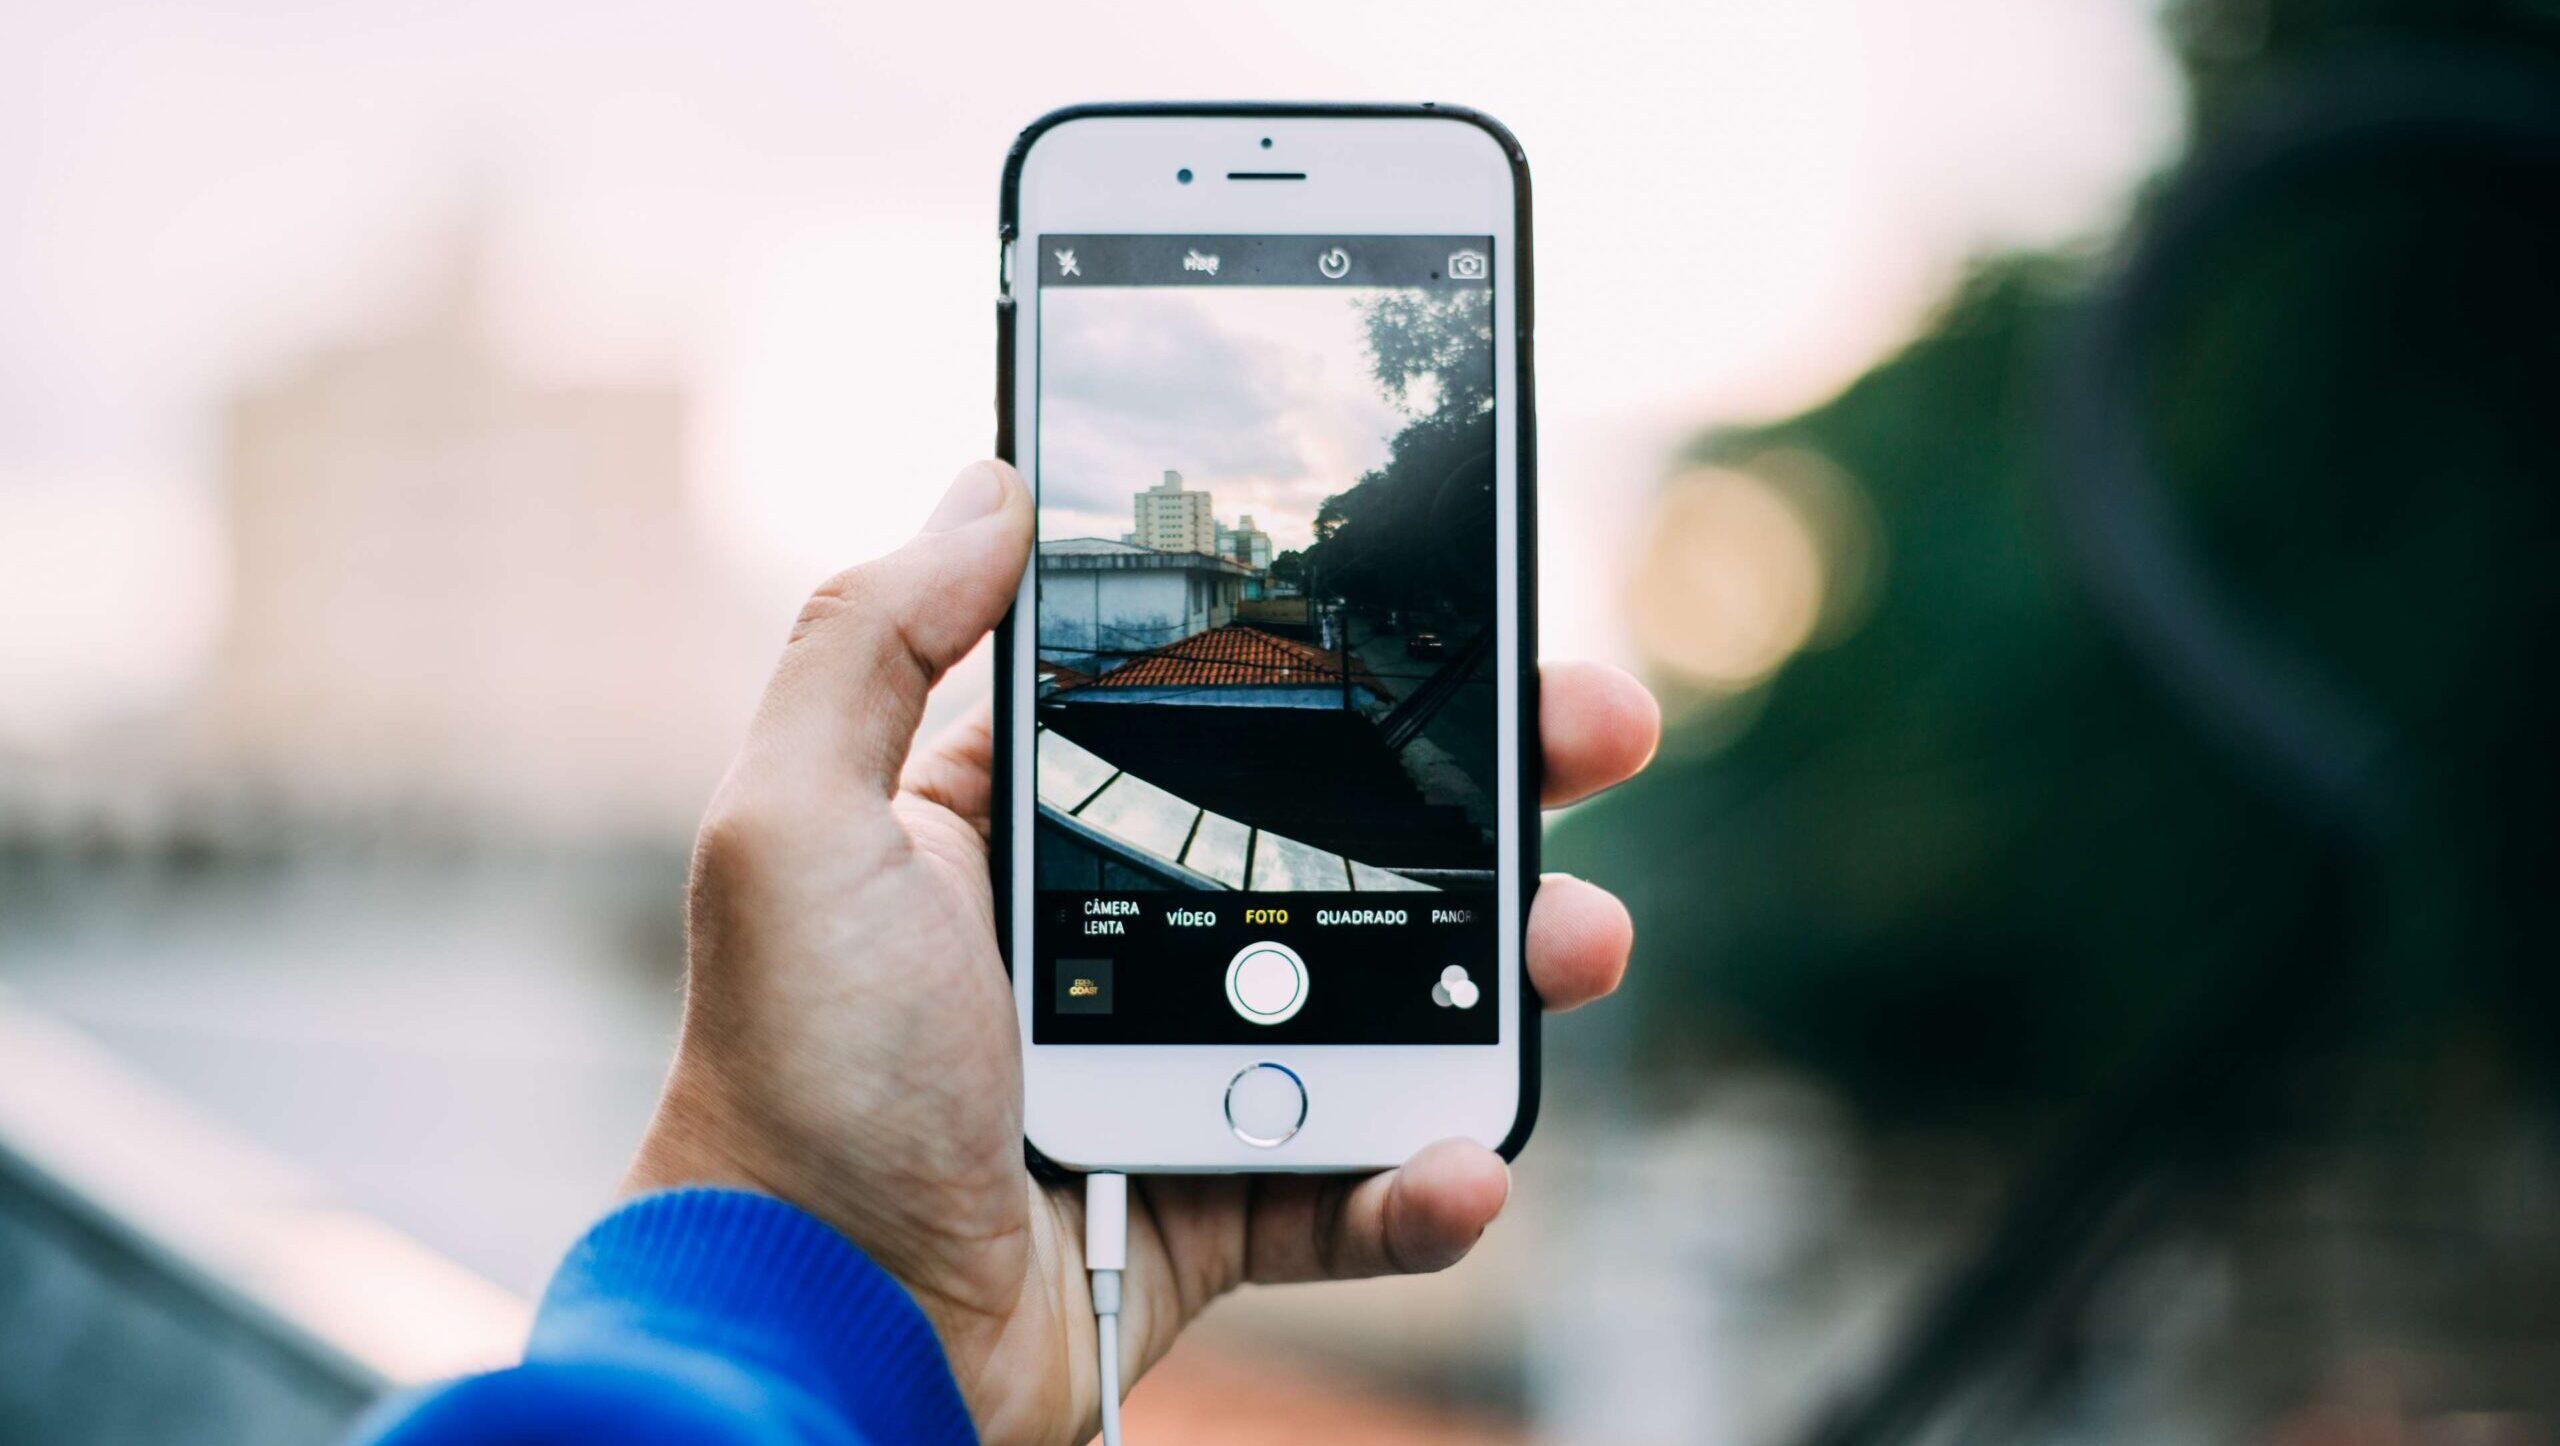 Byta glas/framsida iPhone 5